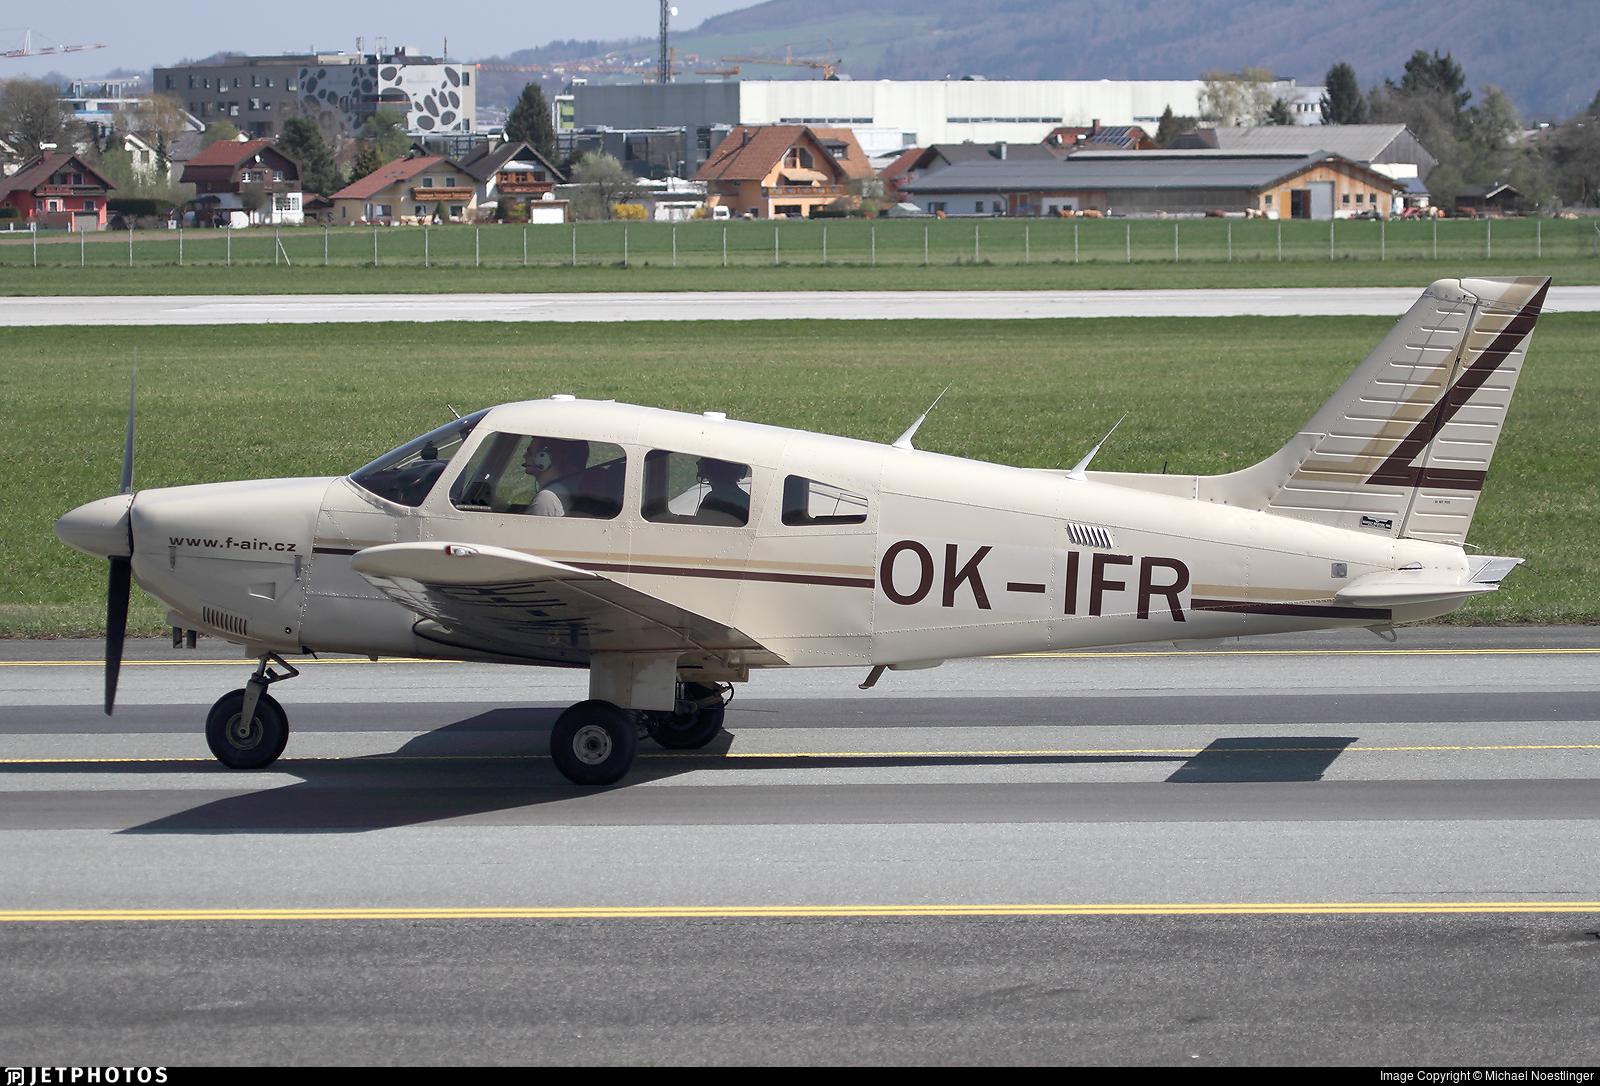 OK-IFR - Piper PA-28-181 Archer II - F Air